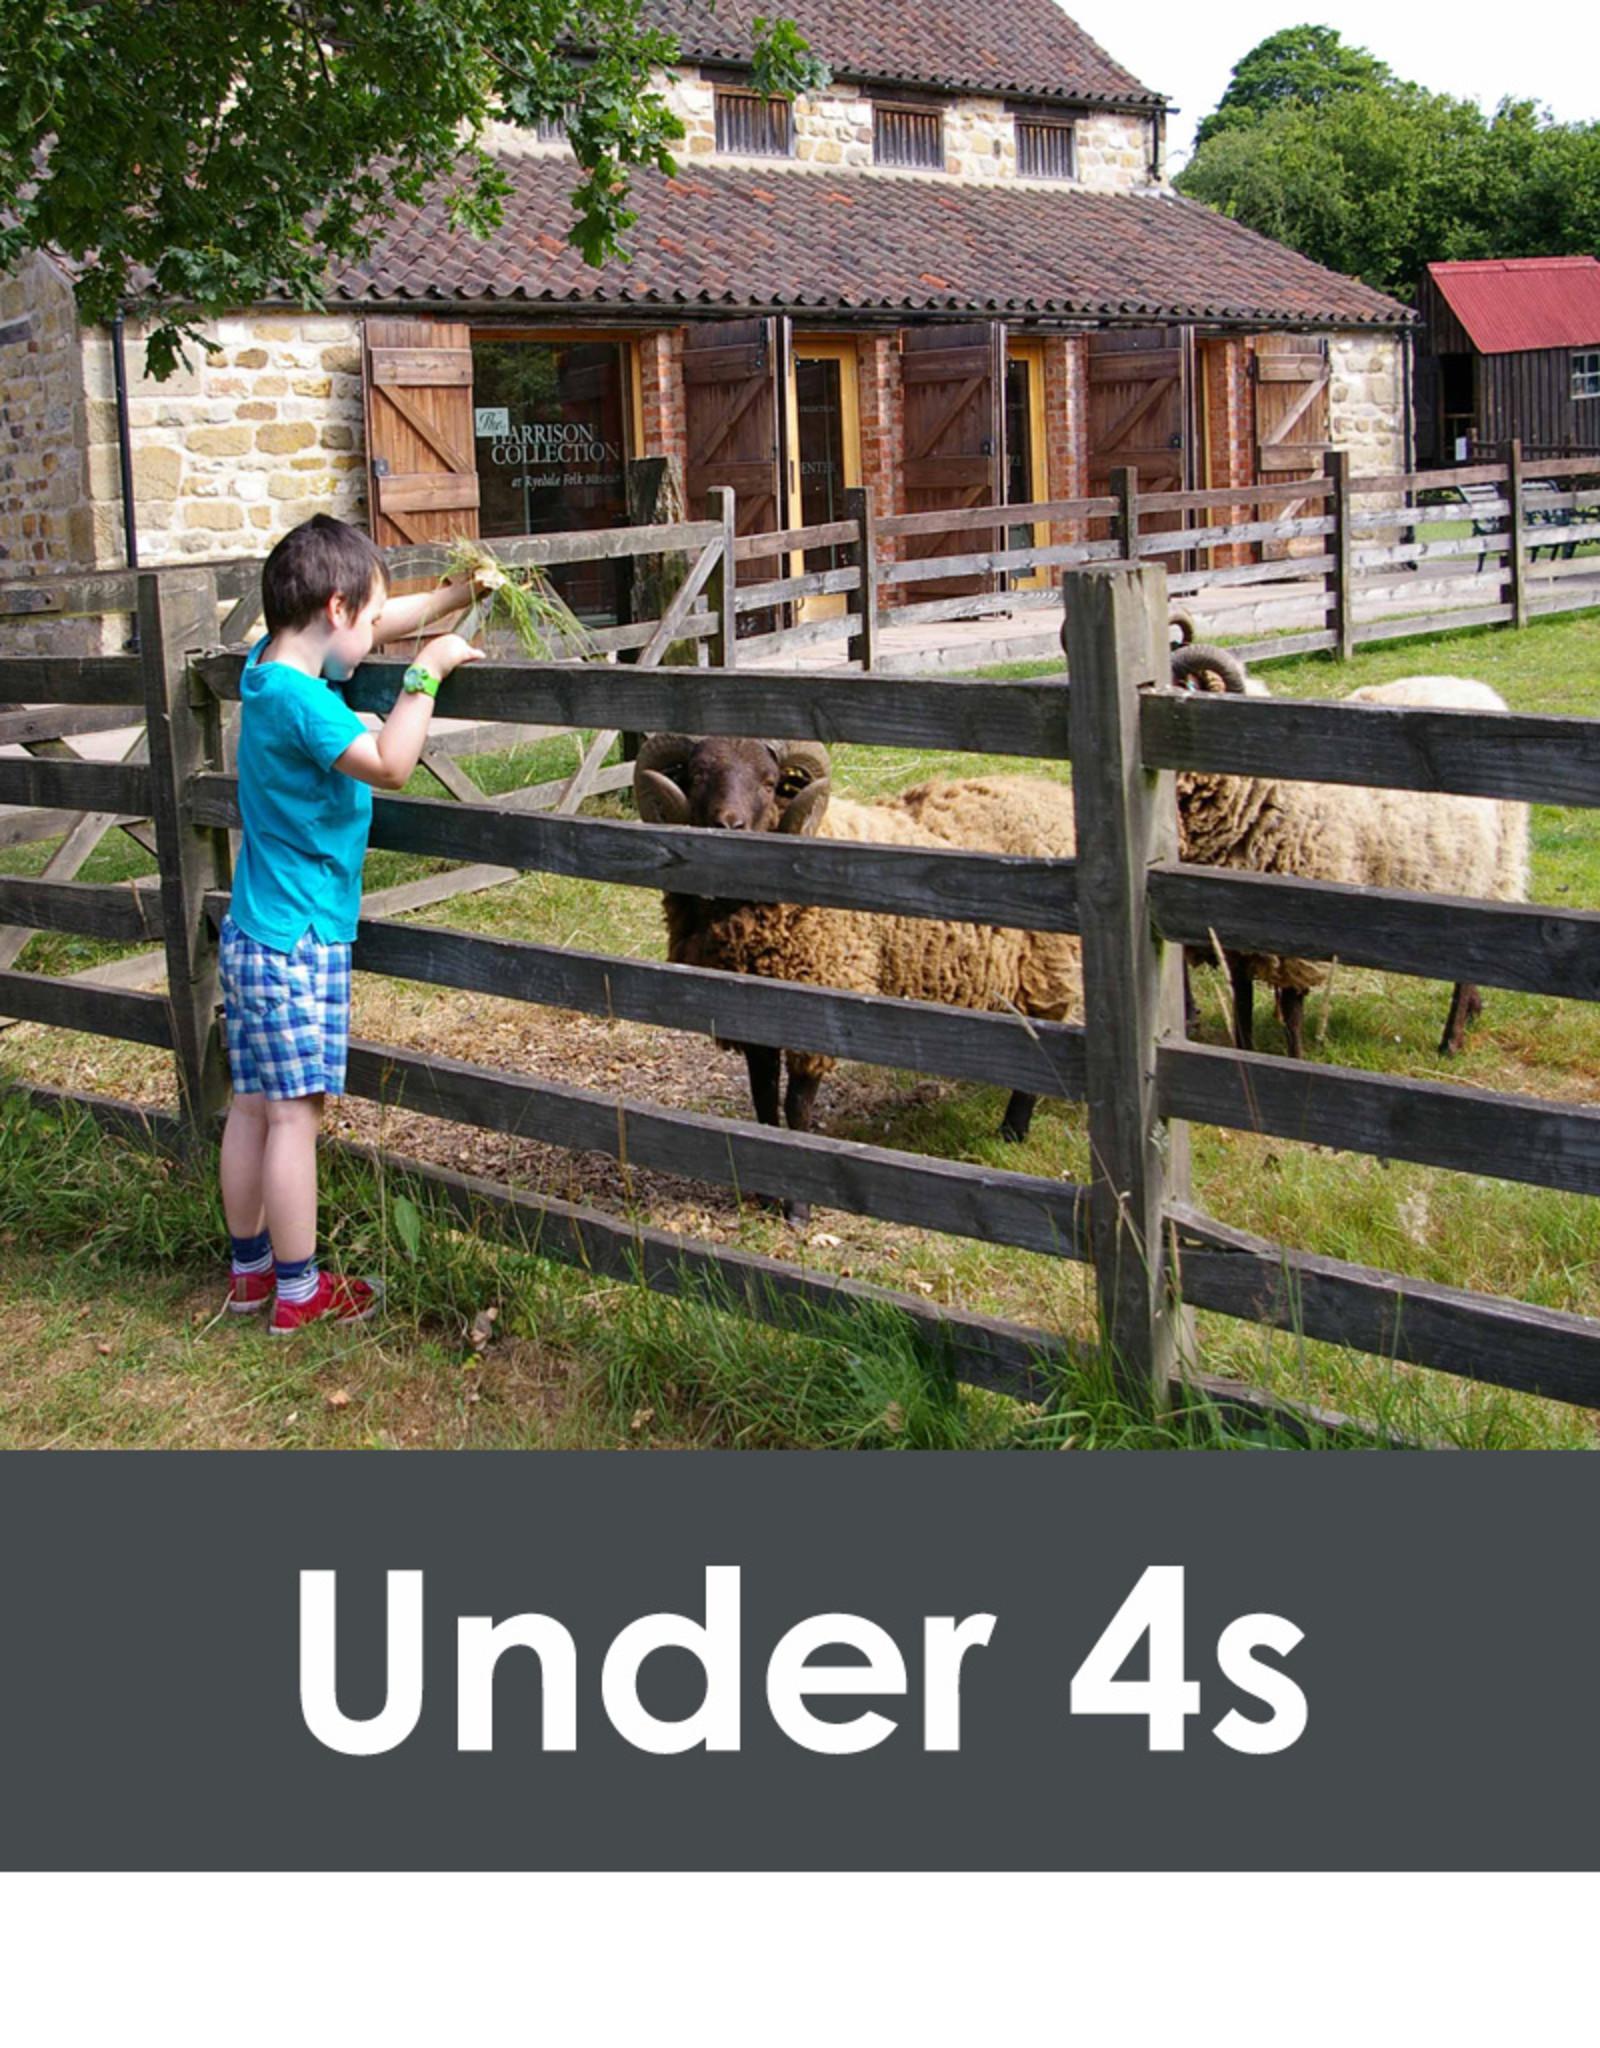 Under 4 Free